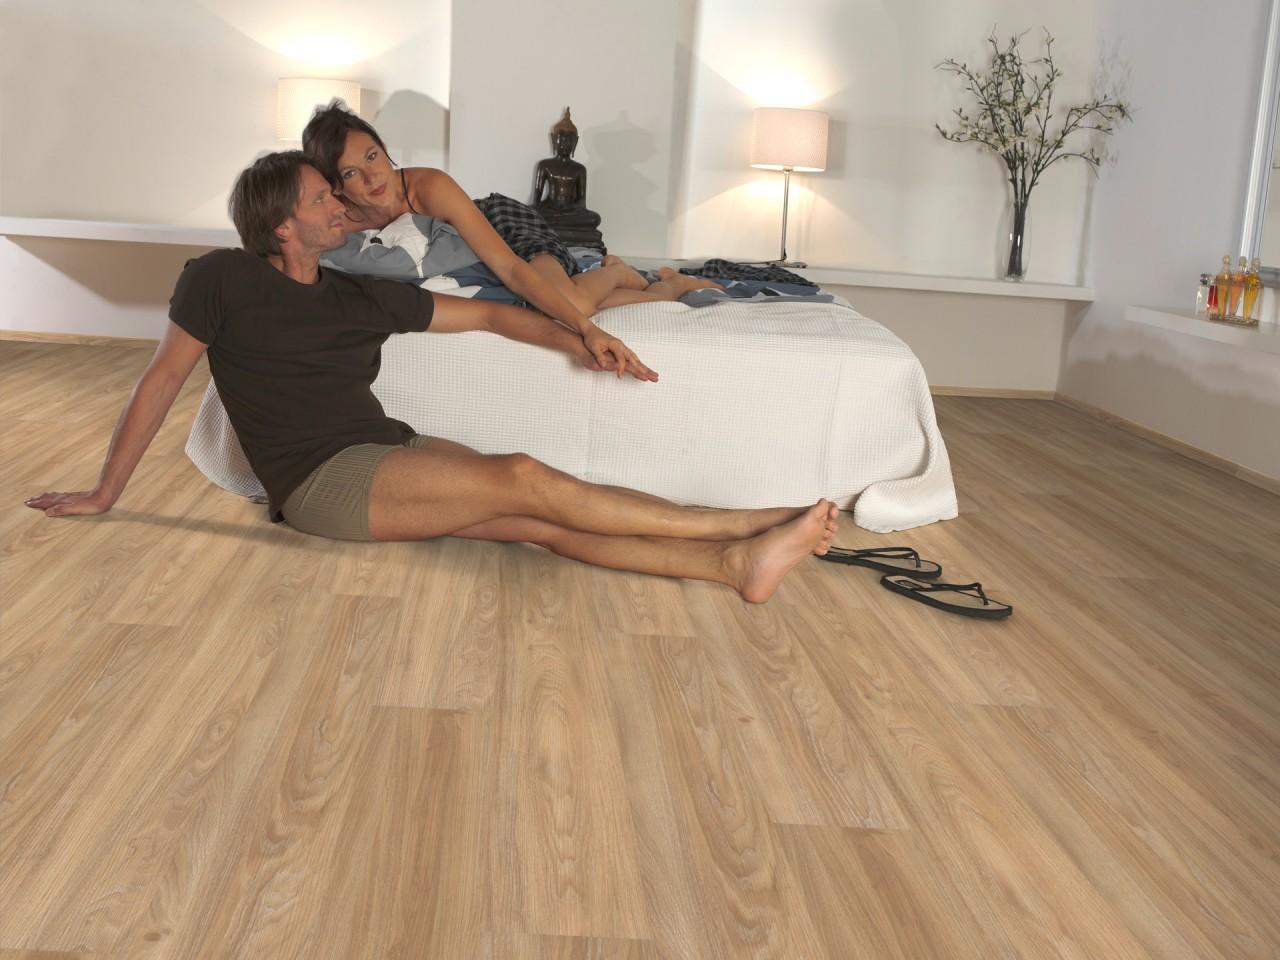 reinigung und pflege von vinylb den fussb den ratgeber der boden online shop aus sterreich. Black Bedroom Furniture Sets. Home Design Ideas